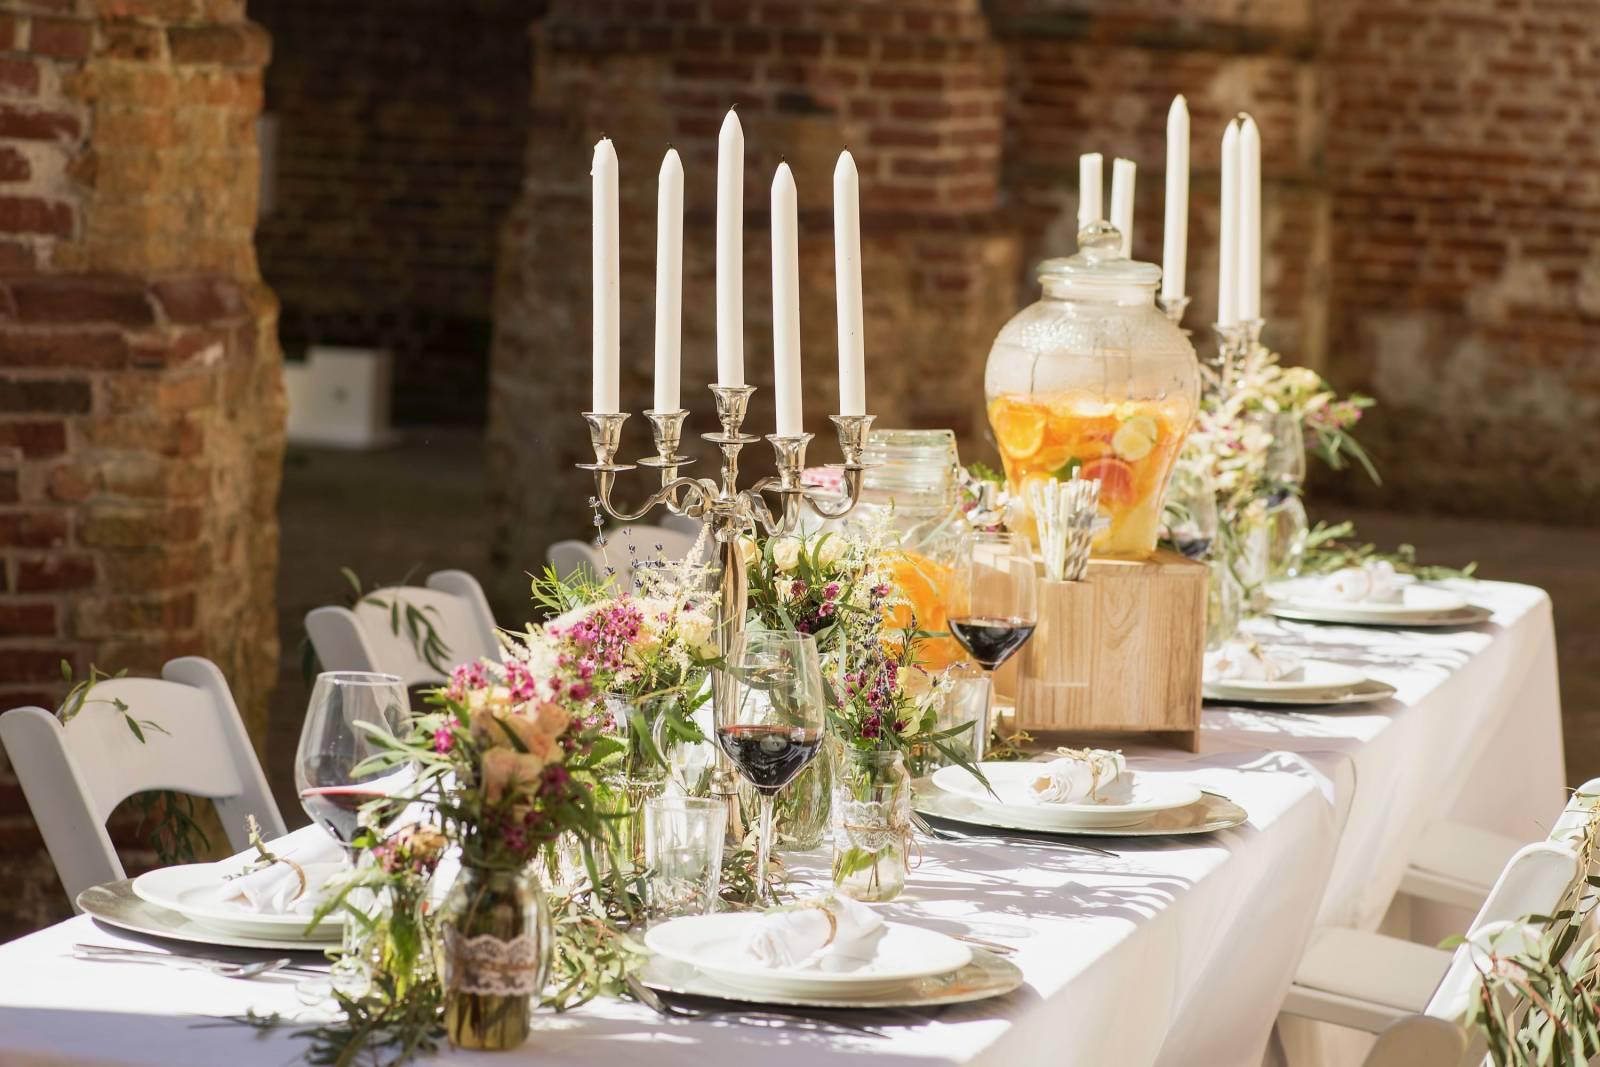 In Style Styling & Decoraties - Trouwdecoratie - Verhuurbedrijf - Wedding Design - House of Weddings - 6